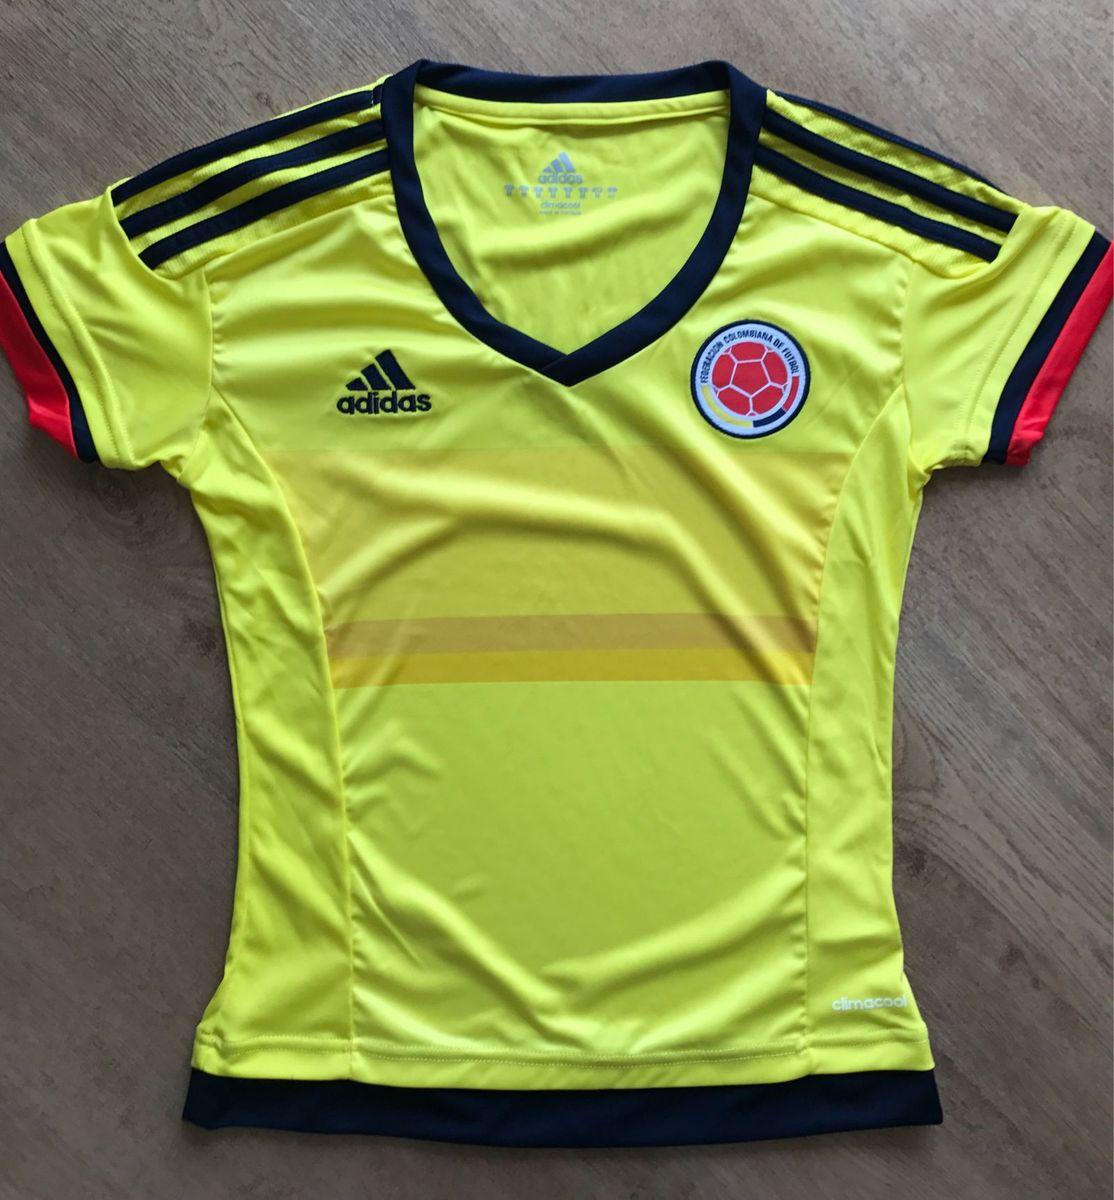 dcd72274e0c camisa adidas seleção colombiana de futebol - camisetas adidas